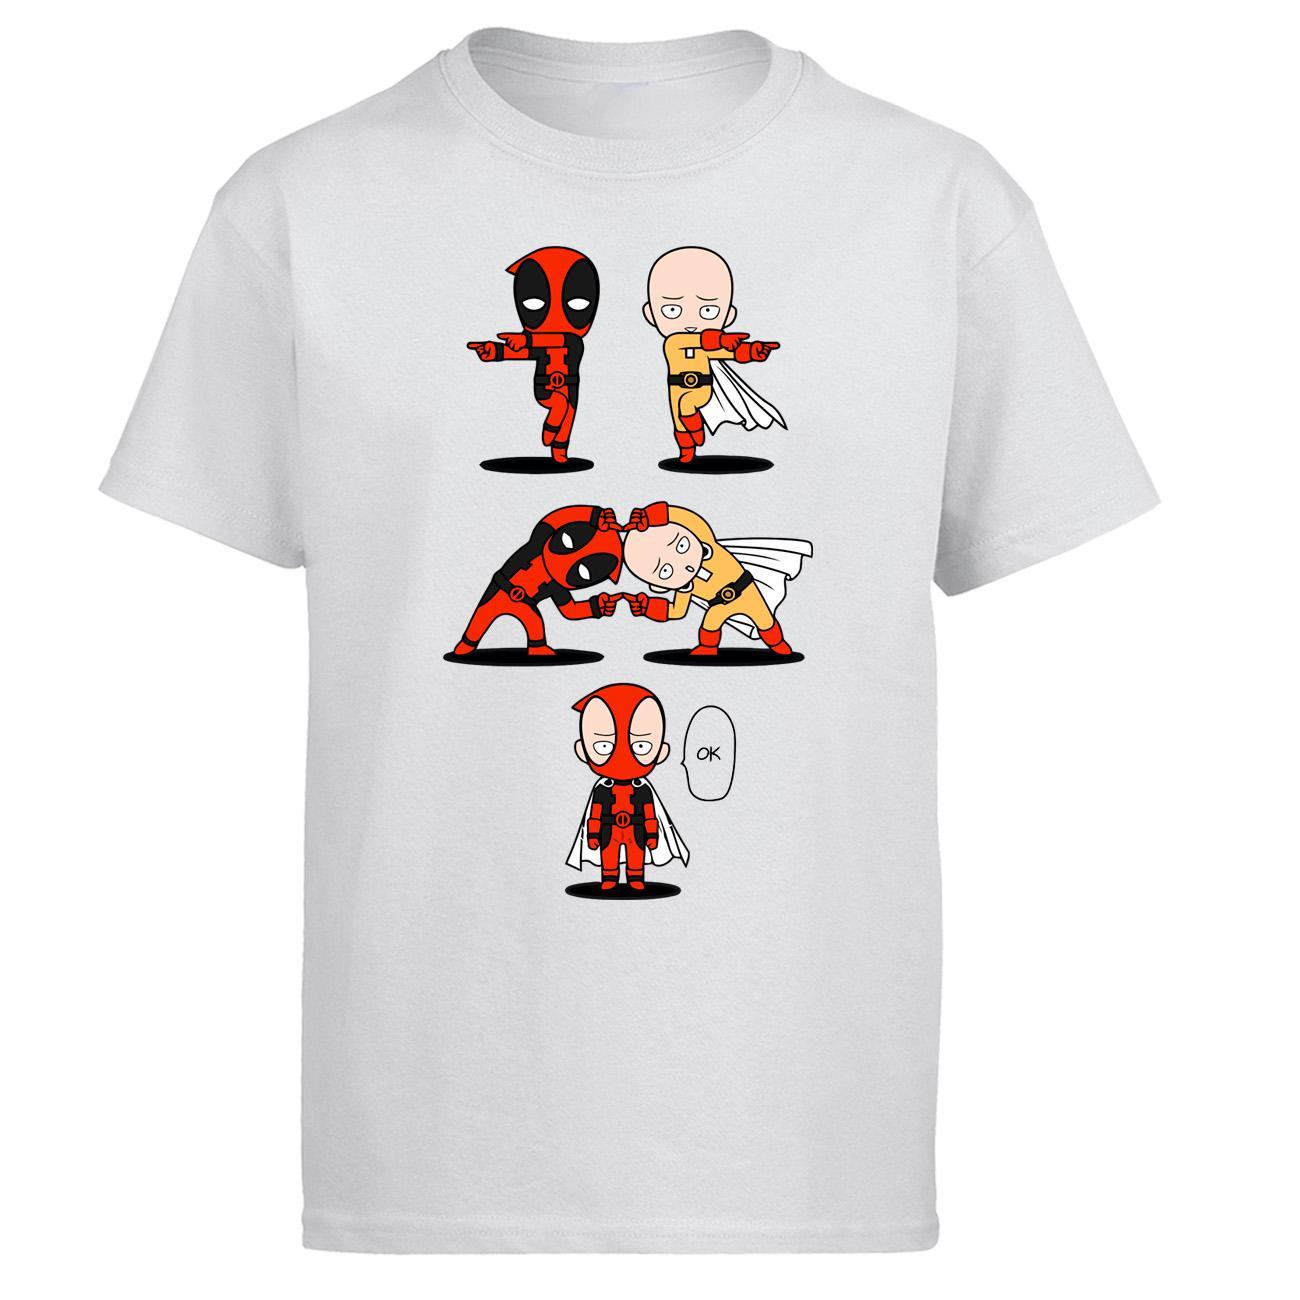 Dealpool Wade Winston Wilson Tişört Erkekler Tek Punch Man Saitama Tişörtlü Yaz Pamuk Kısa Kollu Komik Fusion TAMAM T-Shirt